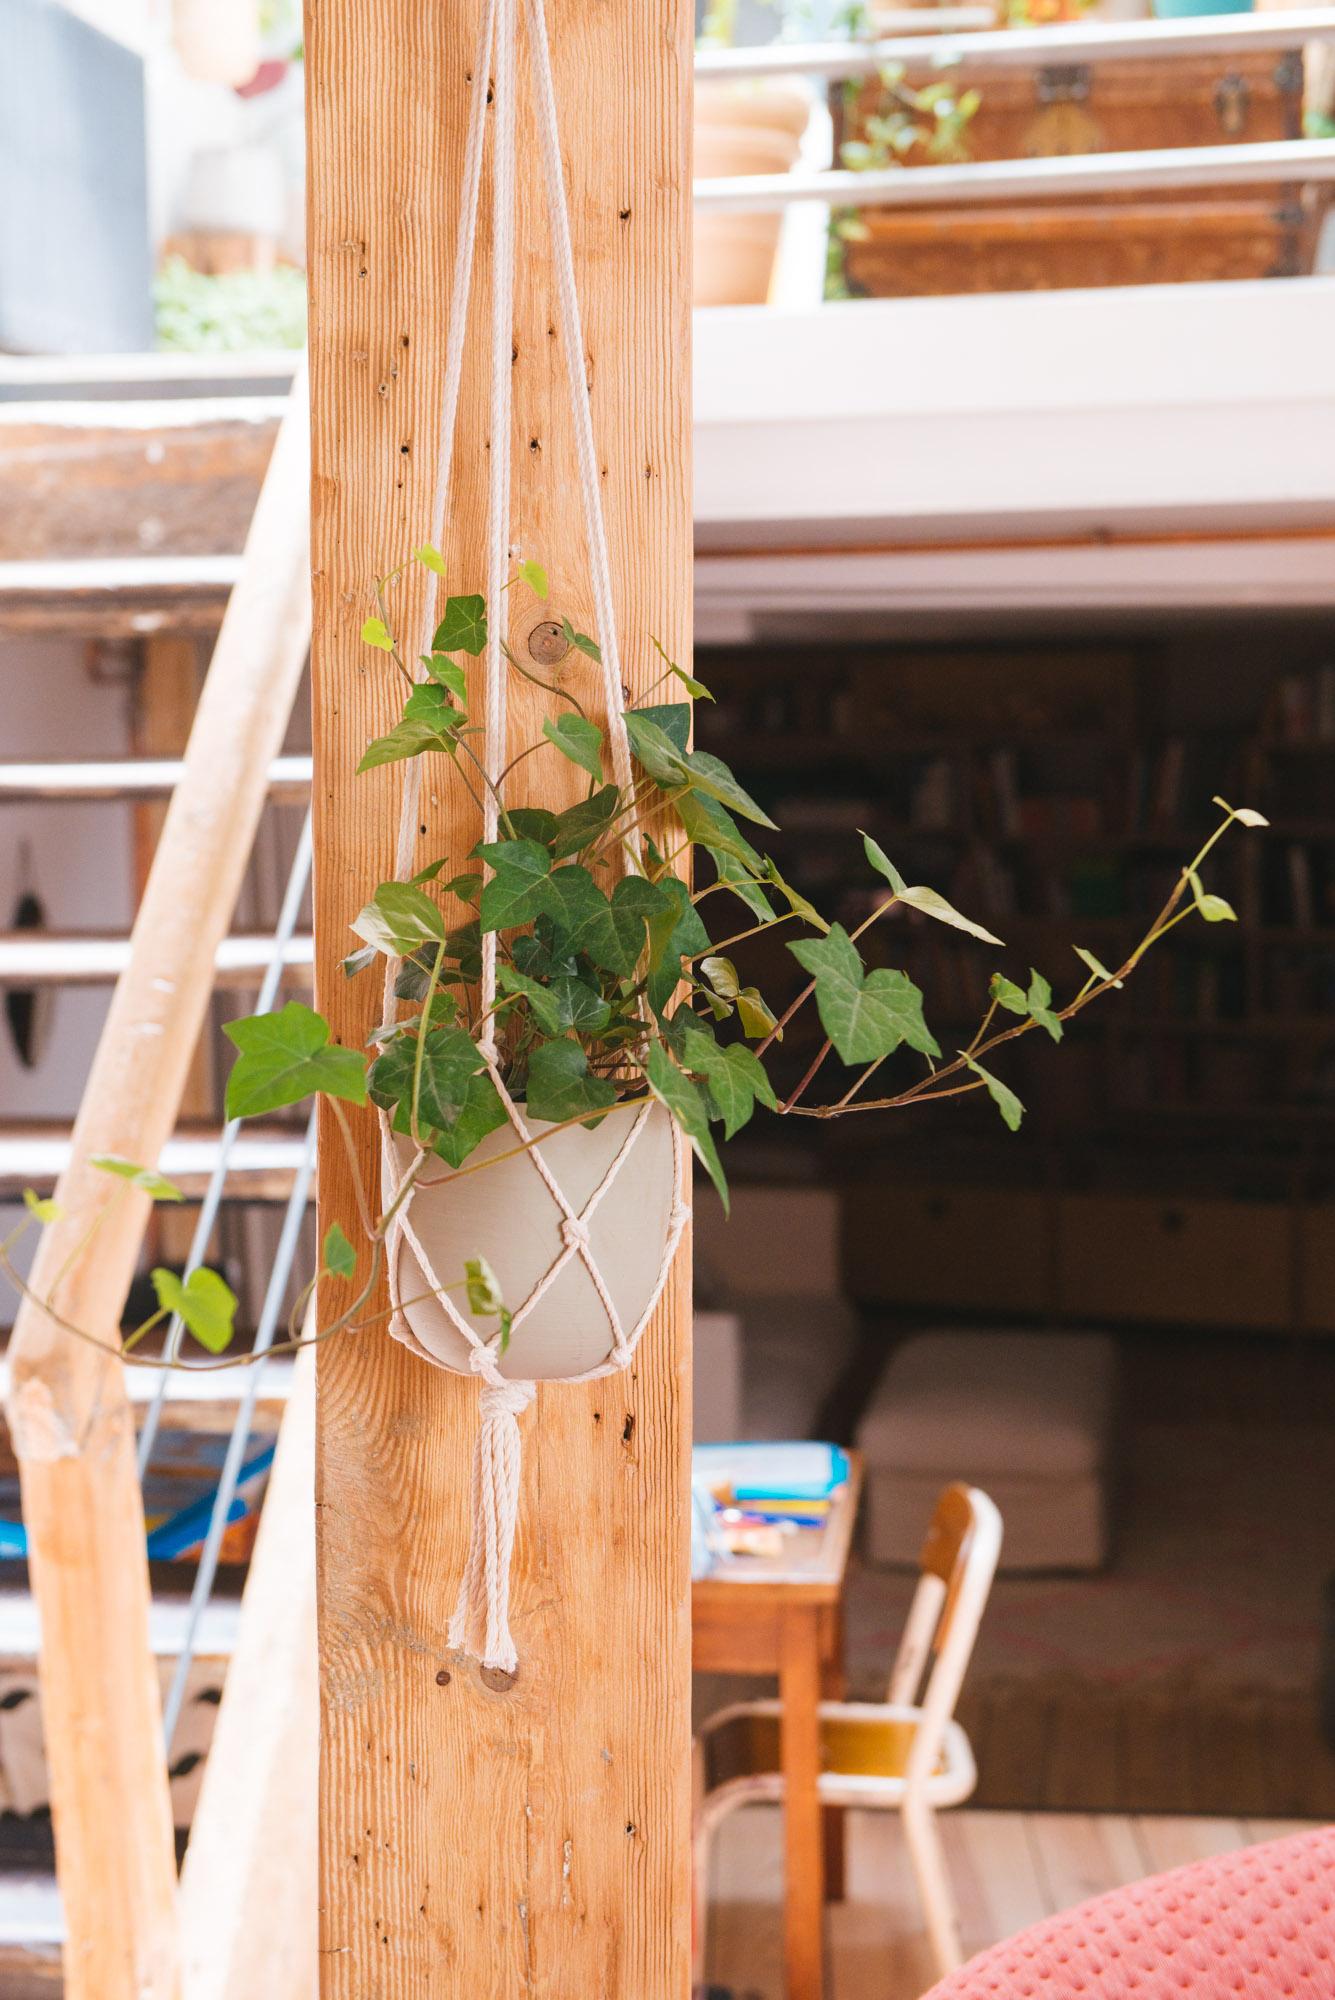 liere plante verte à suspendre macramé décoration végétale végétalisation